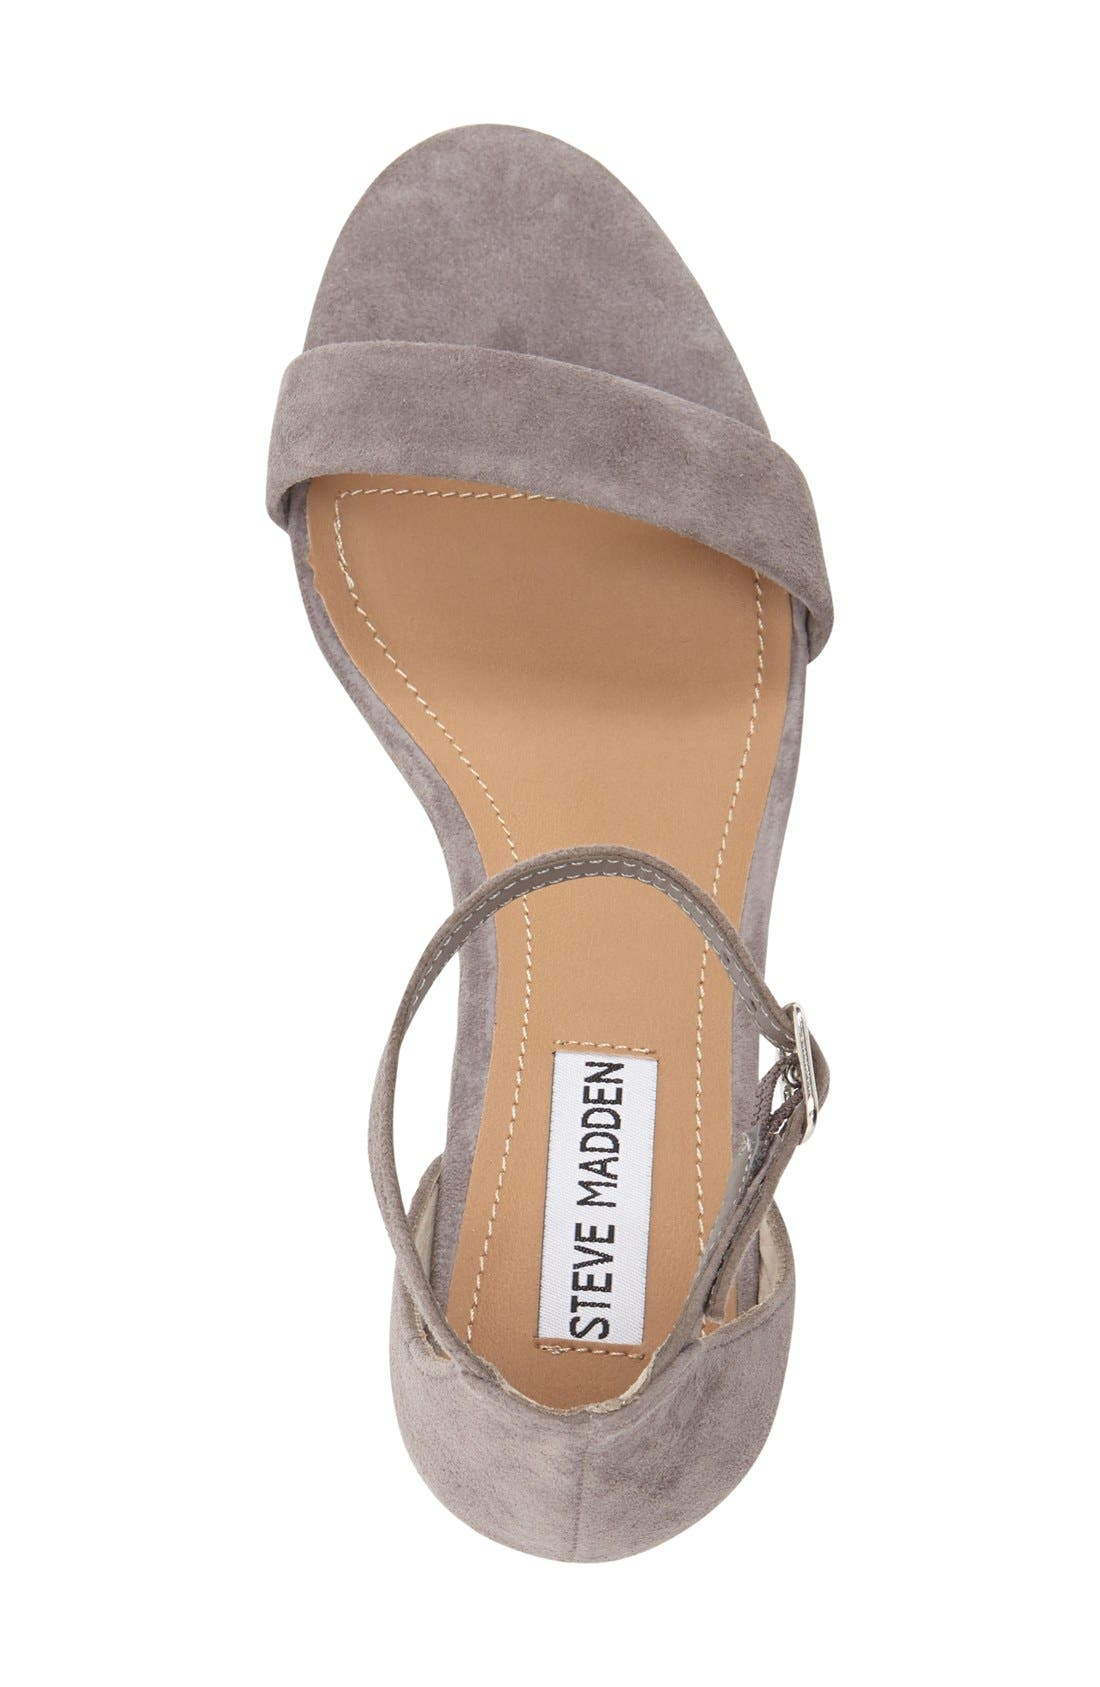 Irenee Ankle Strap Sandal,                             Alternate thumbnail 73, color,